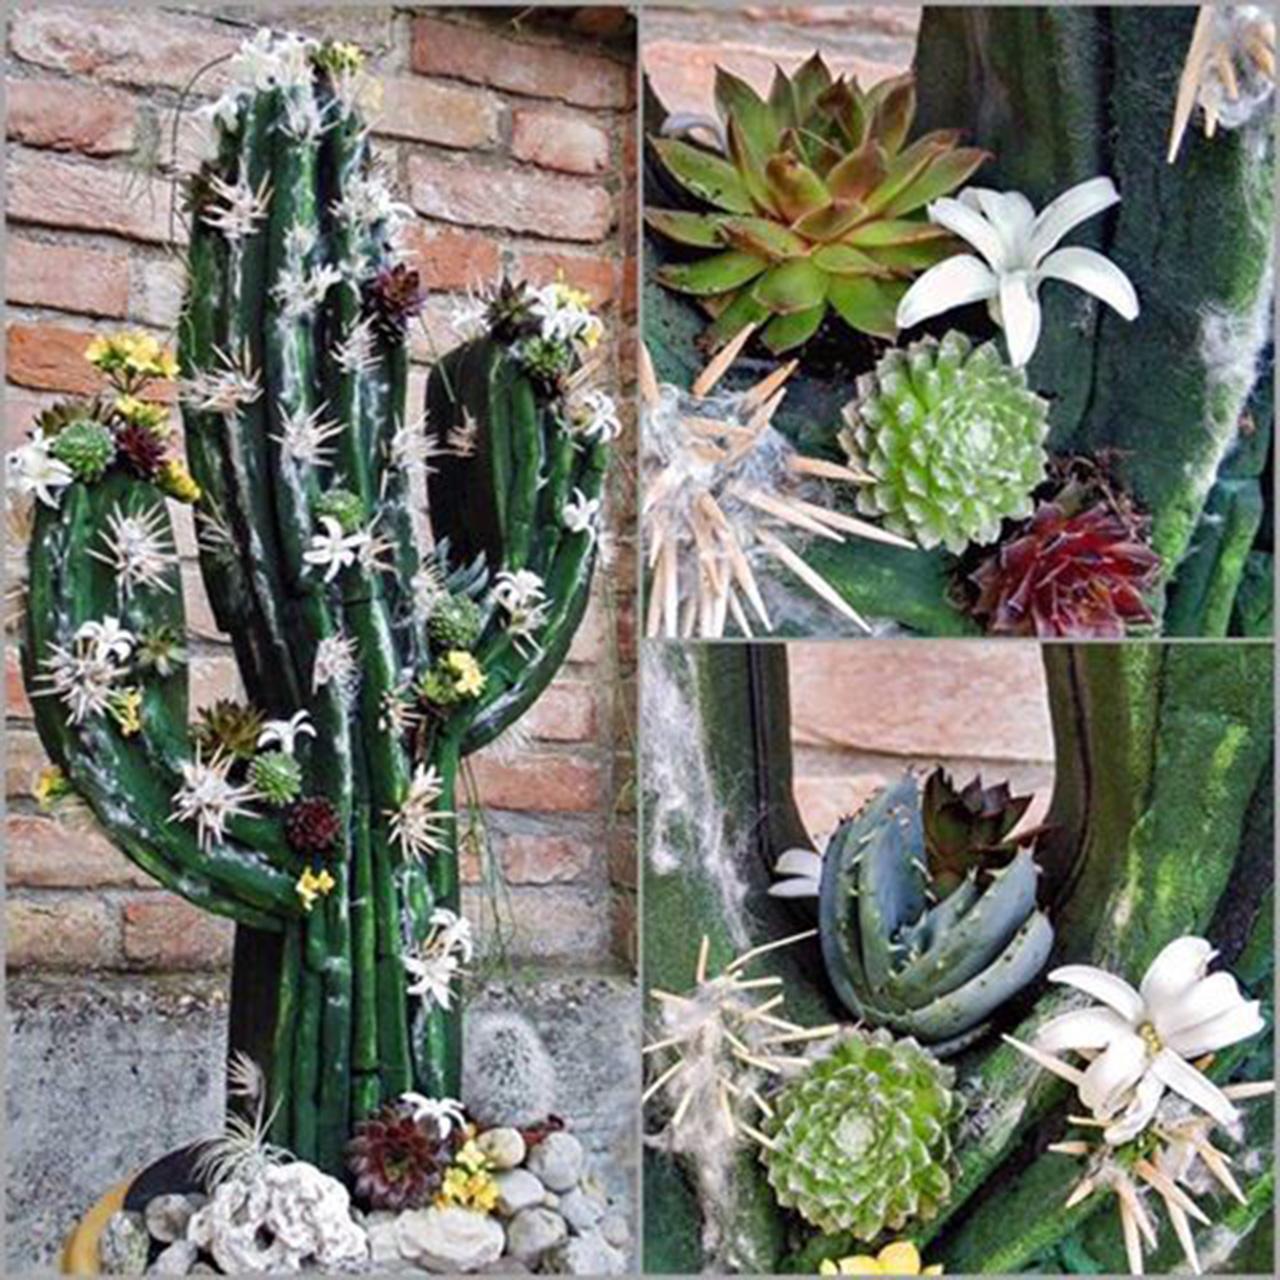 bioline kaktus schwarz 38cm x 74cm preiswert online kaufen. Black Bedroom Furniture Sets. Home Design Ideas